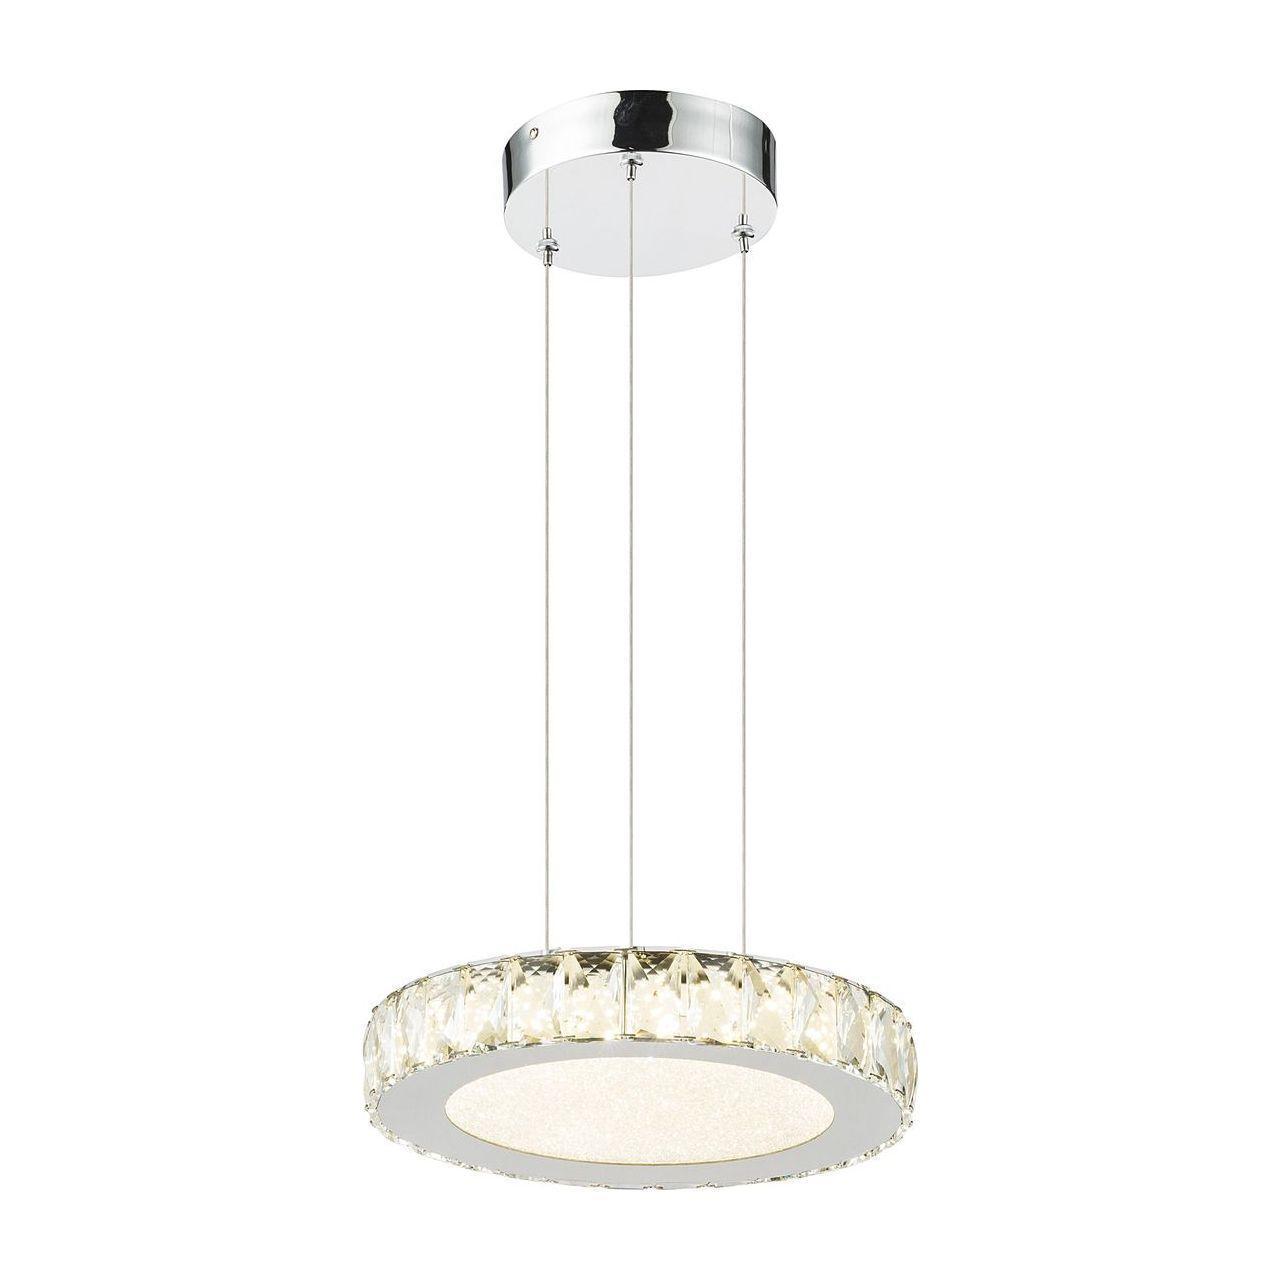 Подвесной светодиодный светильник Globo Amur 49350H1 подвесной светодиодный светильник globo amur 49350d1